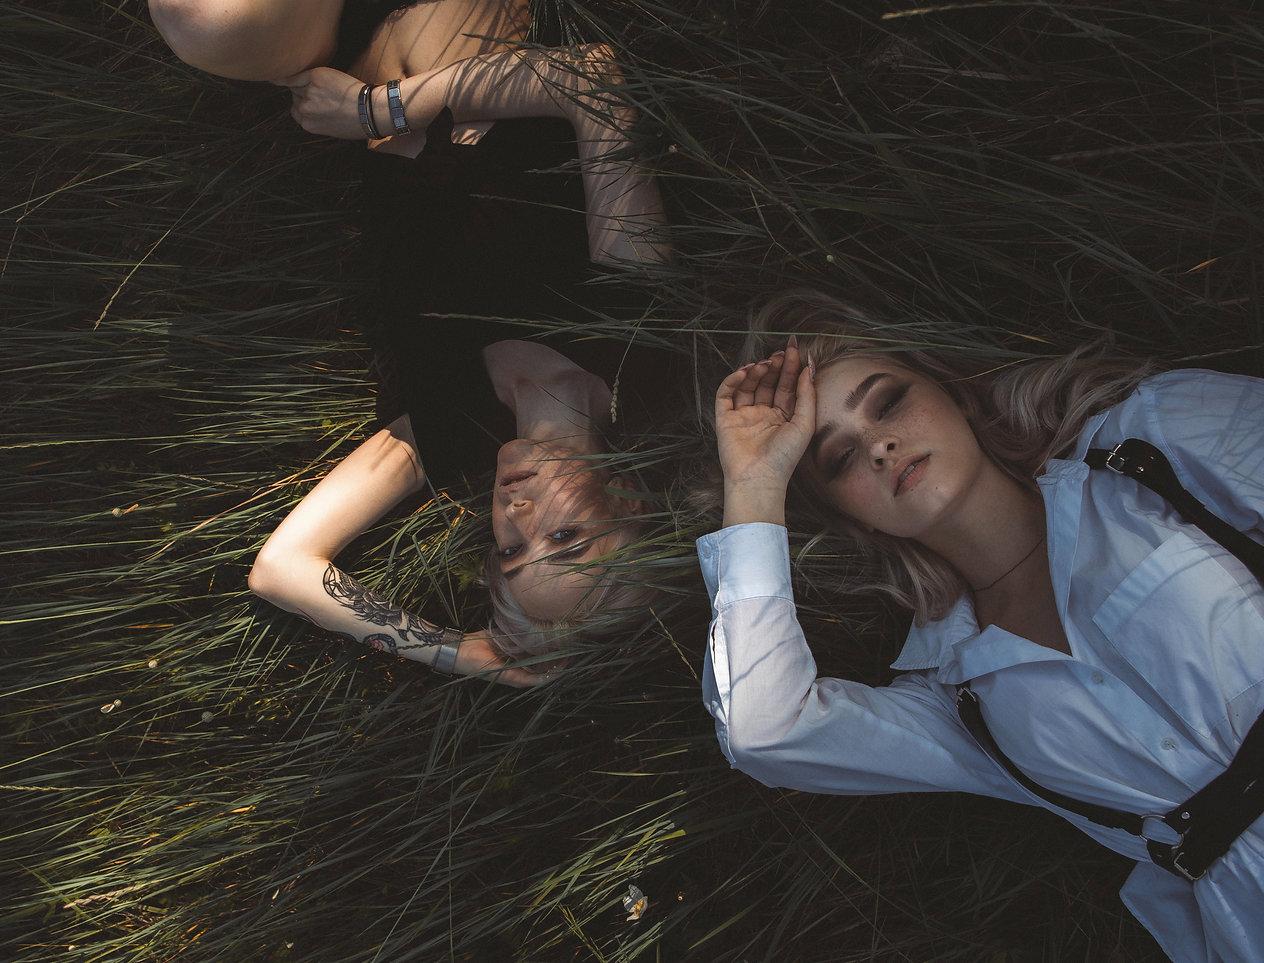 Image by ERNEST TARASOV